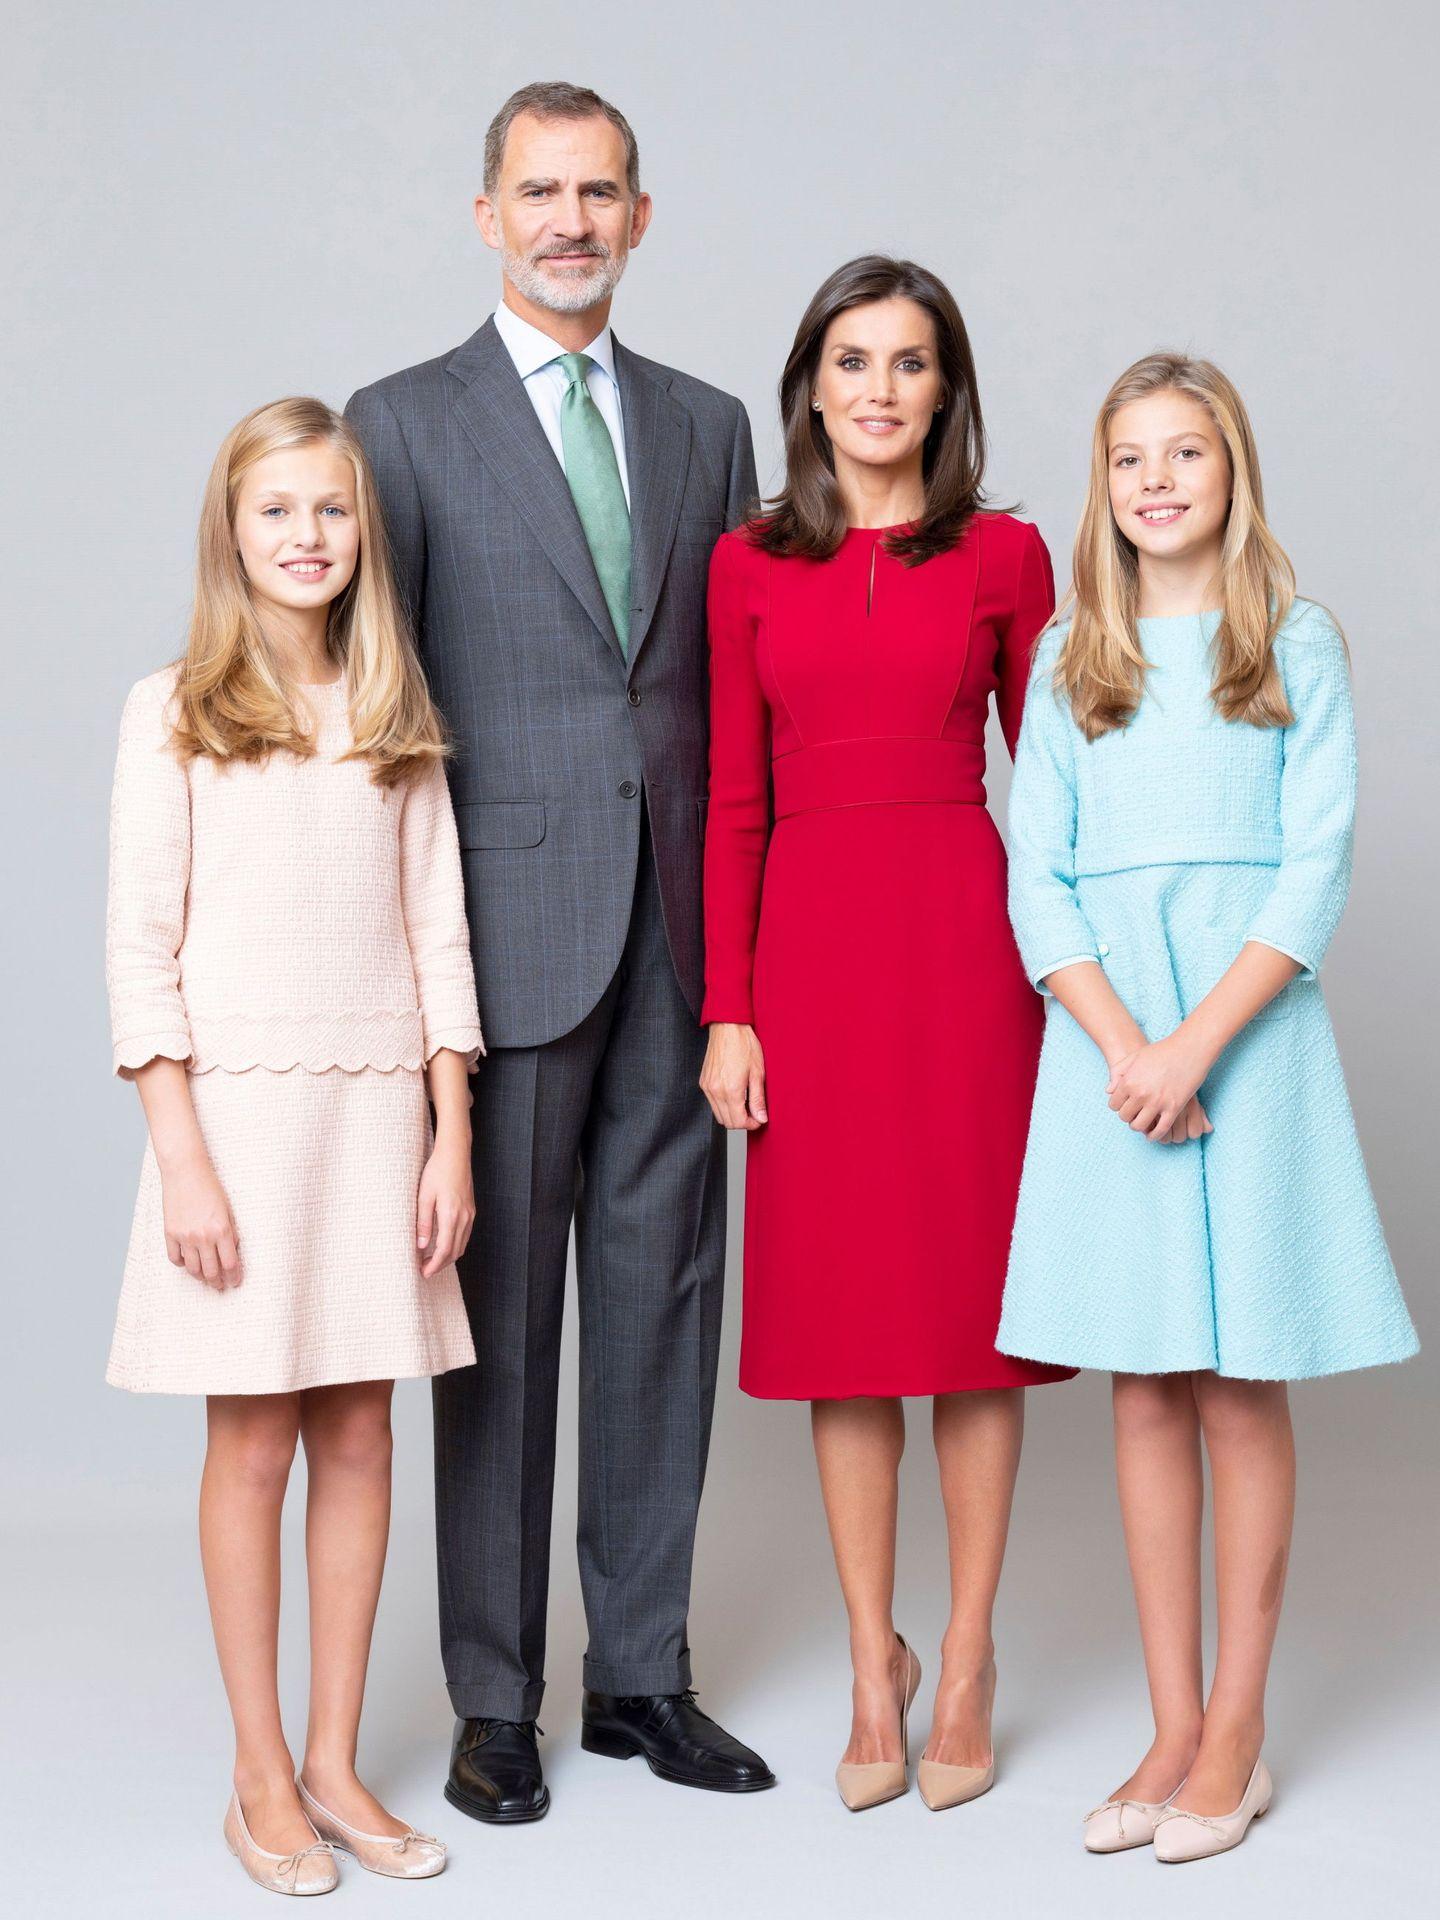 Retrato de los reyes, Felipe VI y Letizia, con sus hijas, Leonor y Sofía. (EFE)